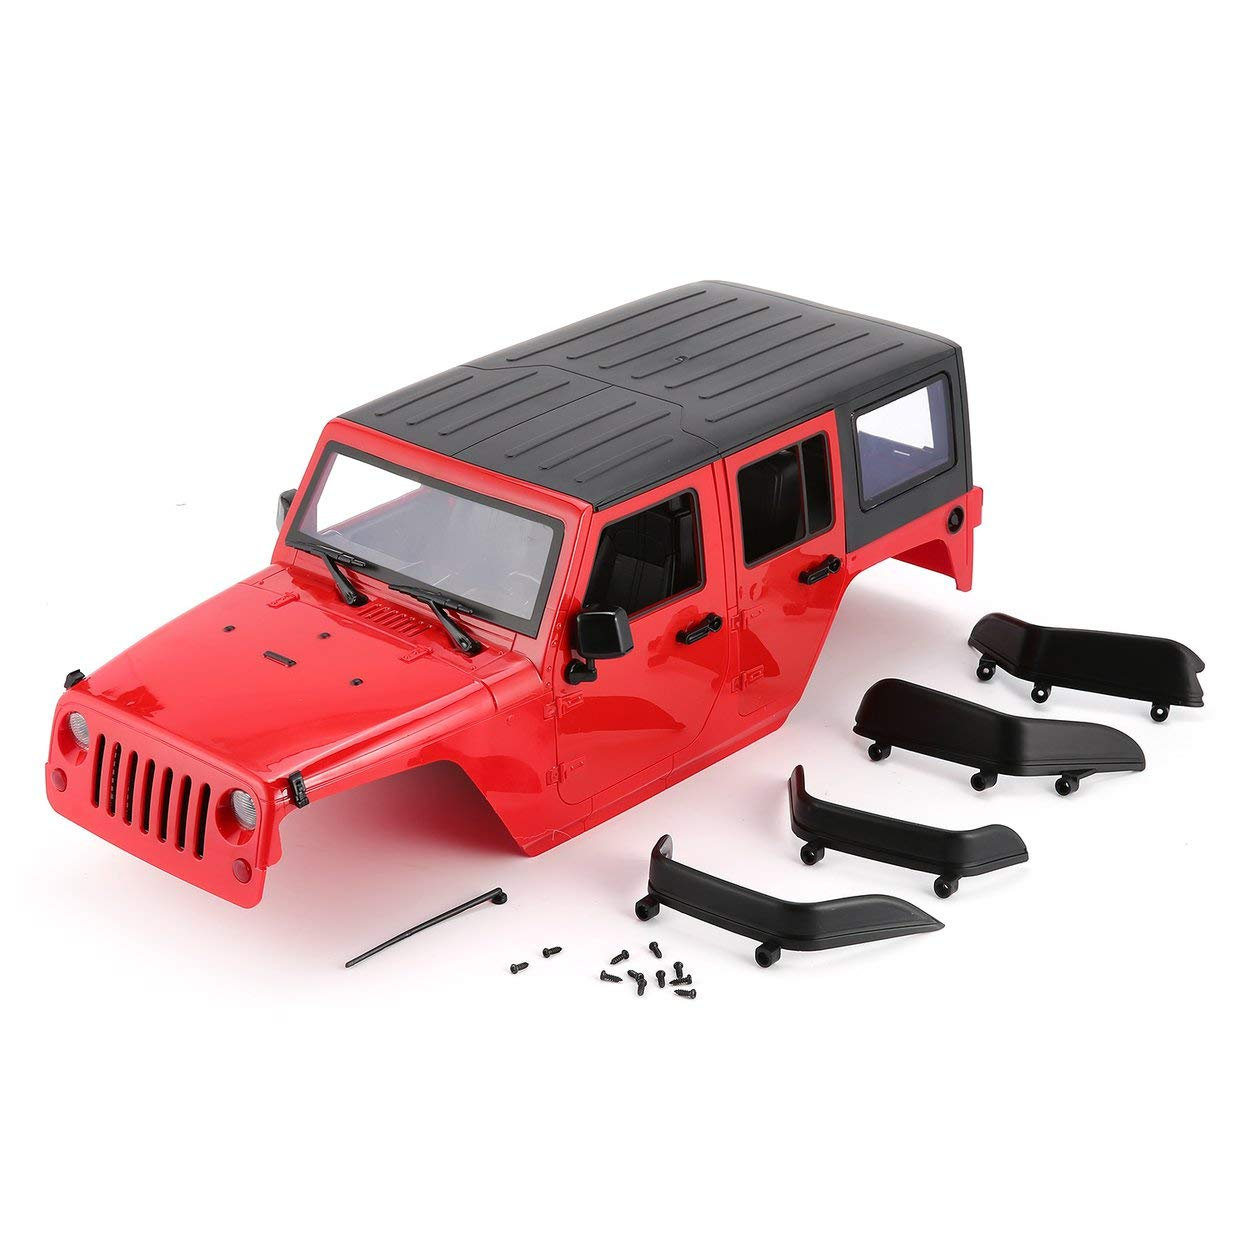 Lorenlli Hartplastik Auto Shell Kö rper DIY Kit Fü r 313mm Radstand 1/10 Wrangler Fit Jeep Axial SCX10 RC Auto Crawler Fahrzeug Modell